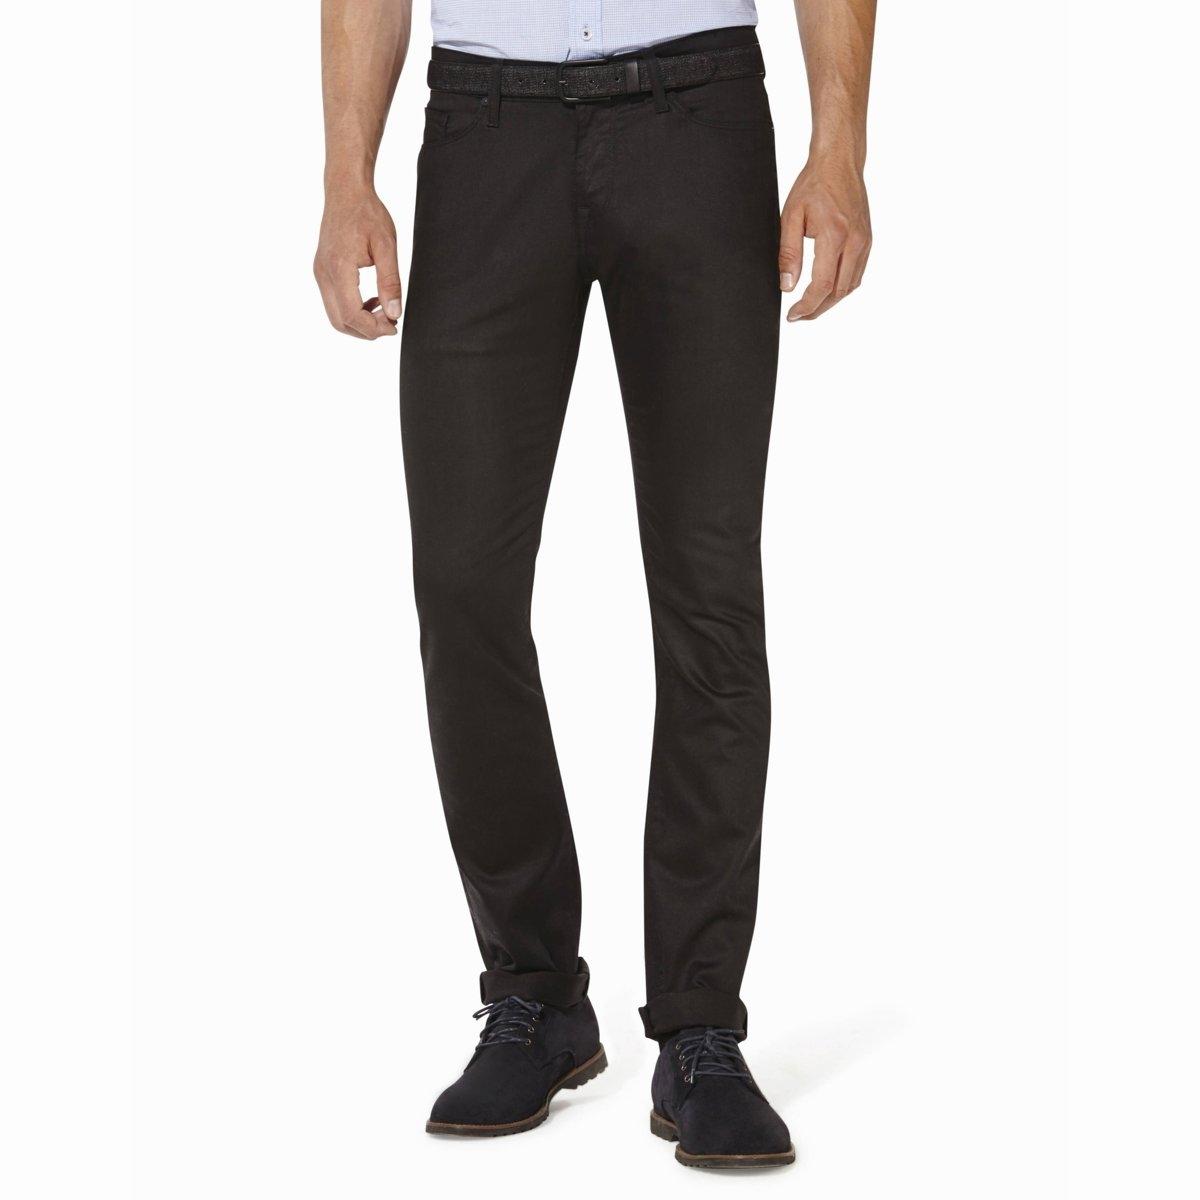 Джинсы CODART 25, зауженный покройДжинсы CODART 25 - CELIO. Узкий покрой. 2 кармана и 1 часовой кармашек спереди, 2 накладных кармана сзади. Шлевки для пояса. Застежка на молнию. Джинсы стрейчевые, 69% хлопка, 29% полиэстера, 2% эластана.<br><br>Цвет: черный<br>Размер: 42 длина 34 (US)